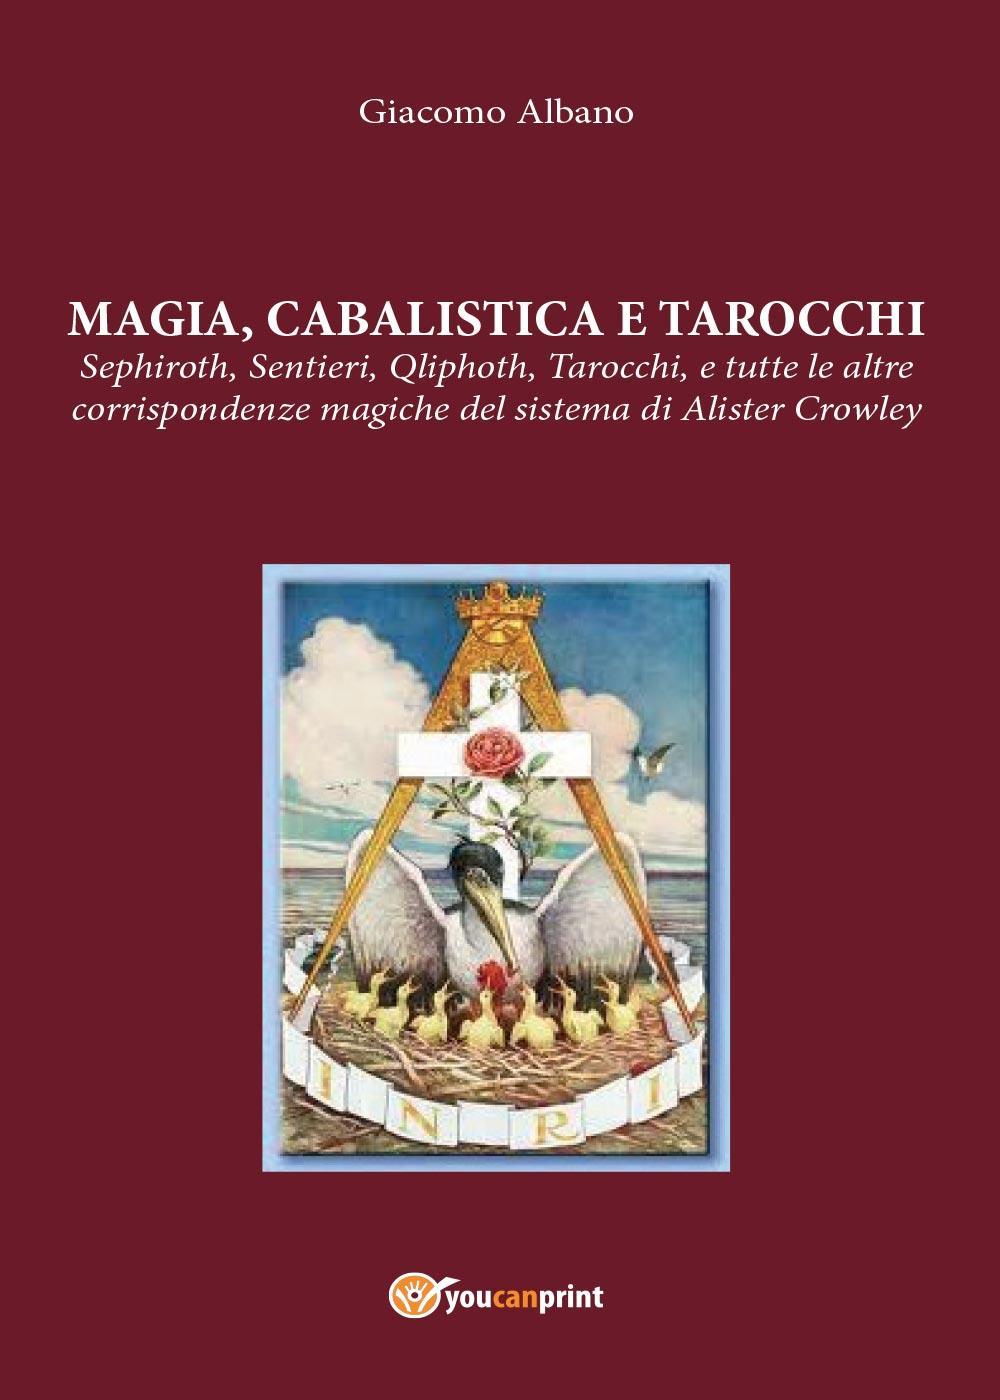 Magia Cabalistica e Tarocchi. Sepiroth, Sentieri, Qliphoth, Tarocchi, e tutte le altre corrispondenze magiche del sistema di Alister Crowley